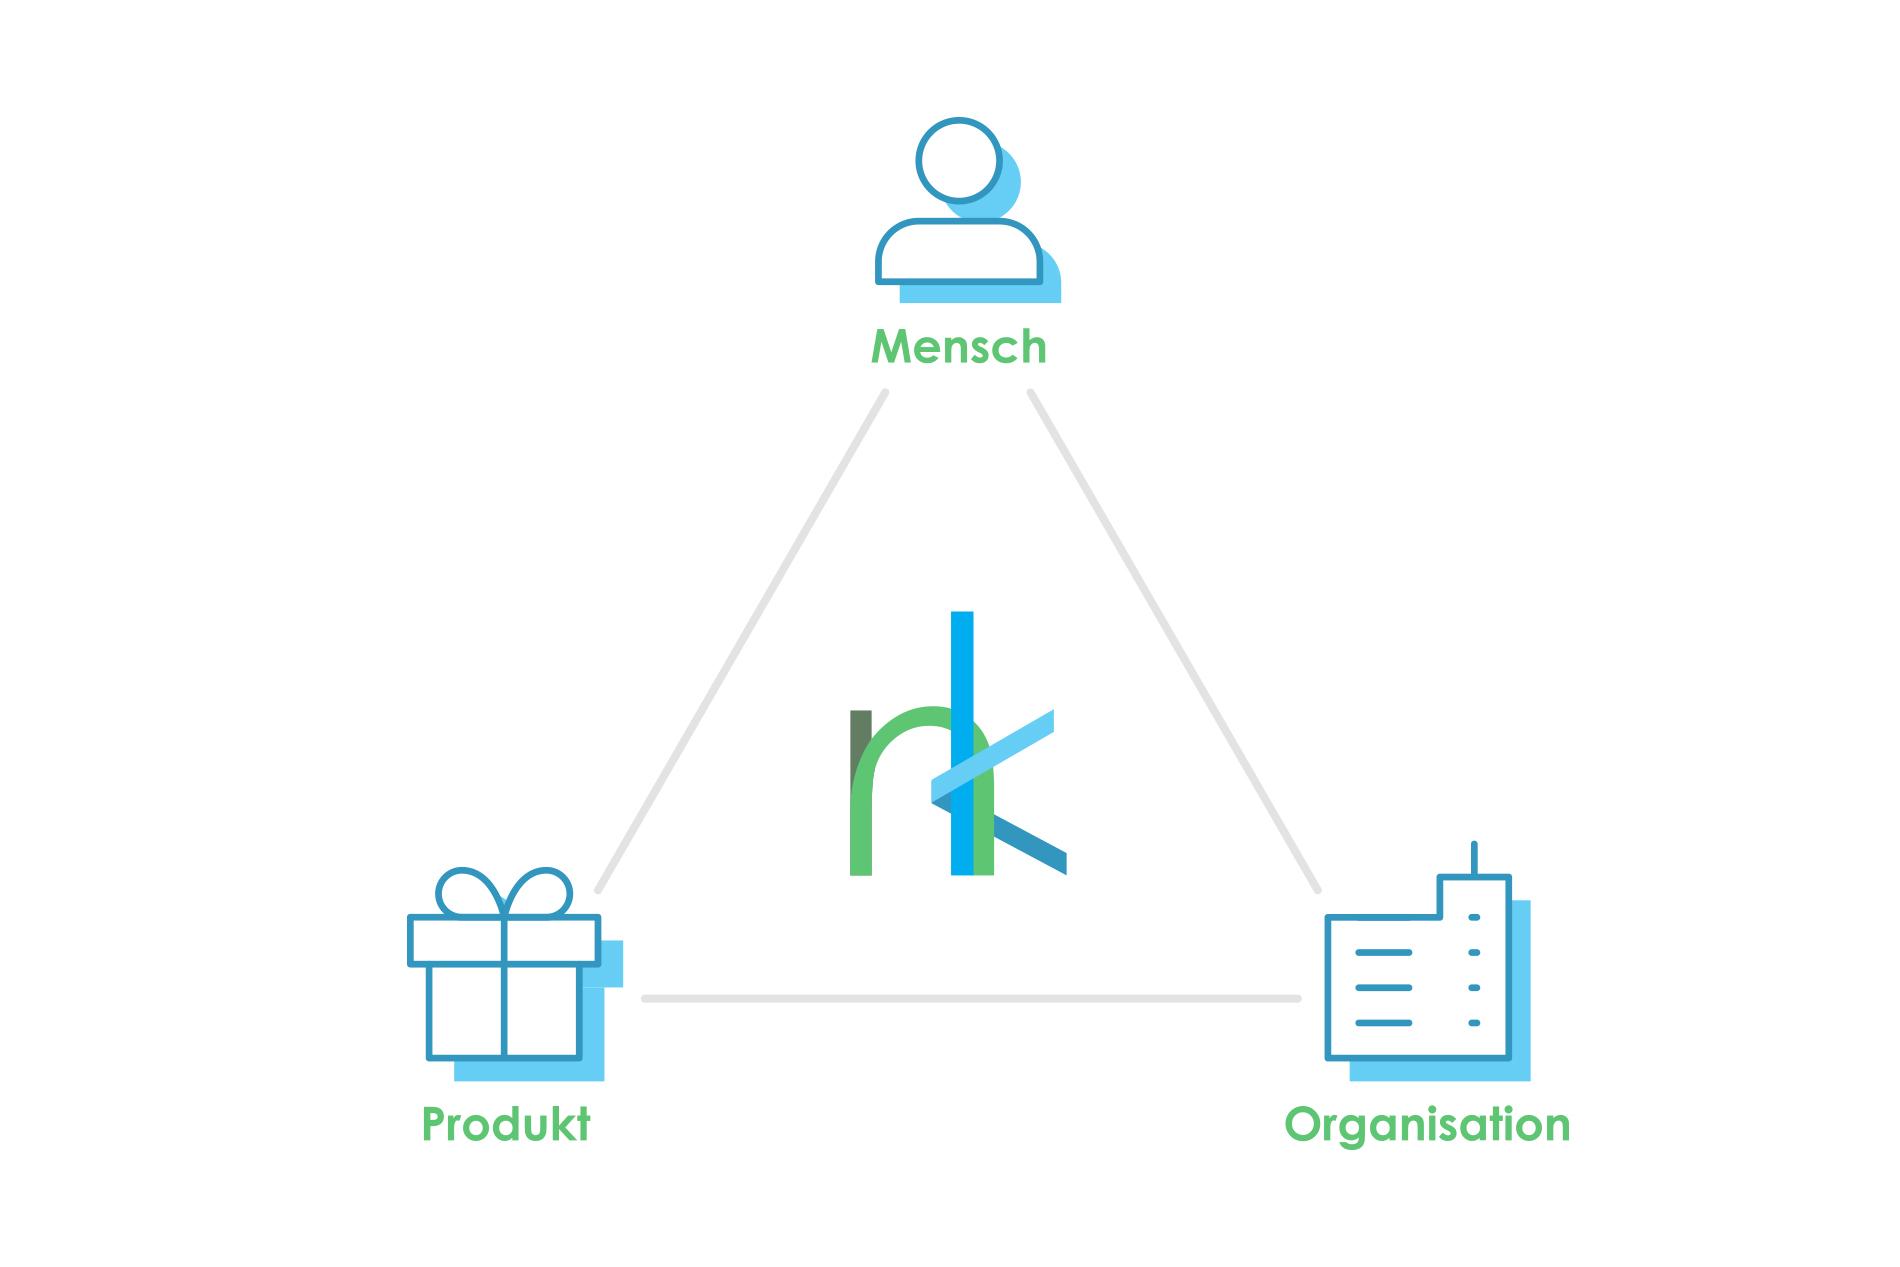 netzwerkknoten_unternehmensberatung_berlin_dreieck_mensch_produkt_organisation